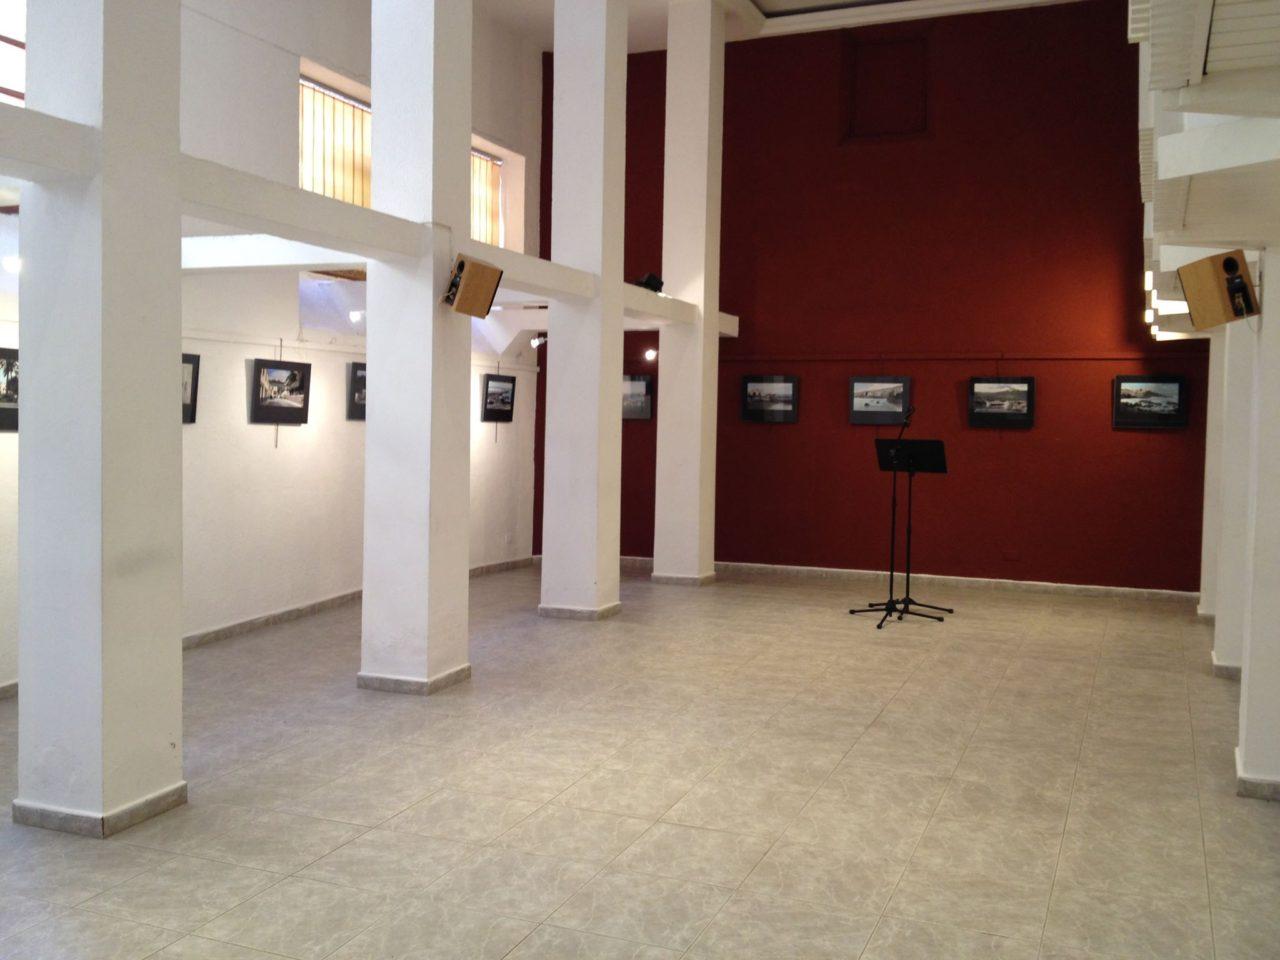 Salón de actos del Instituto de Estudios Hispánicos